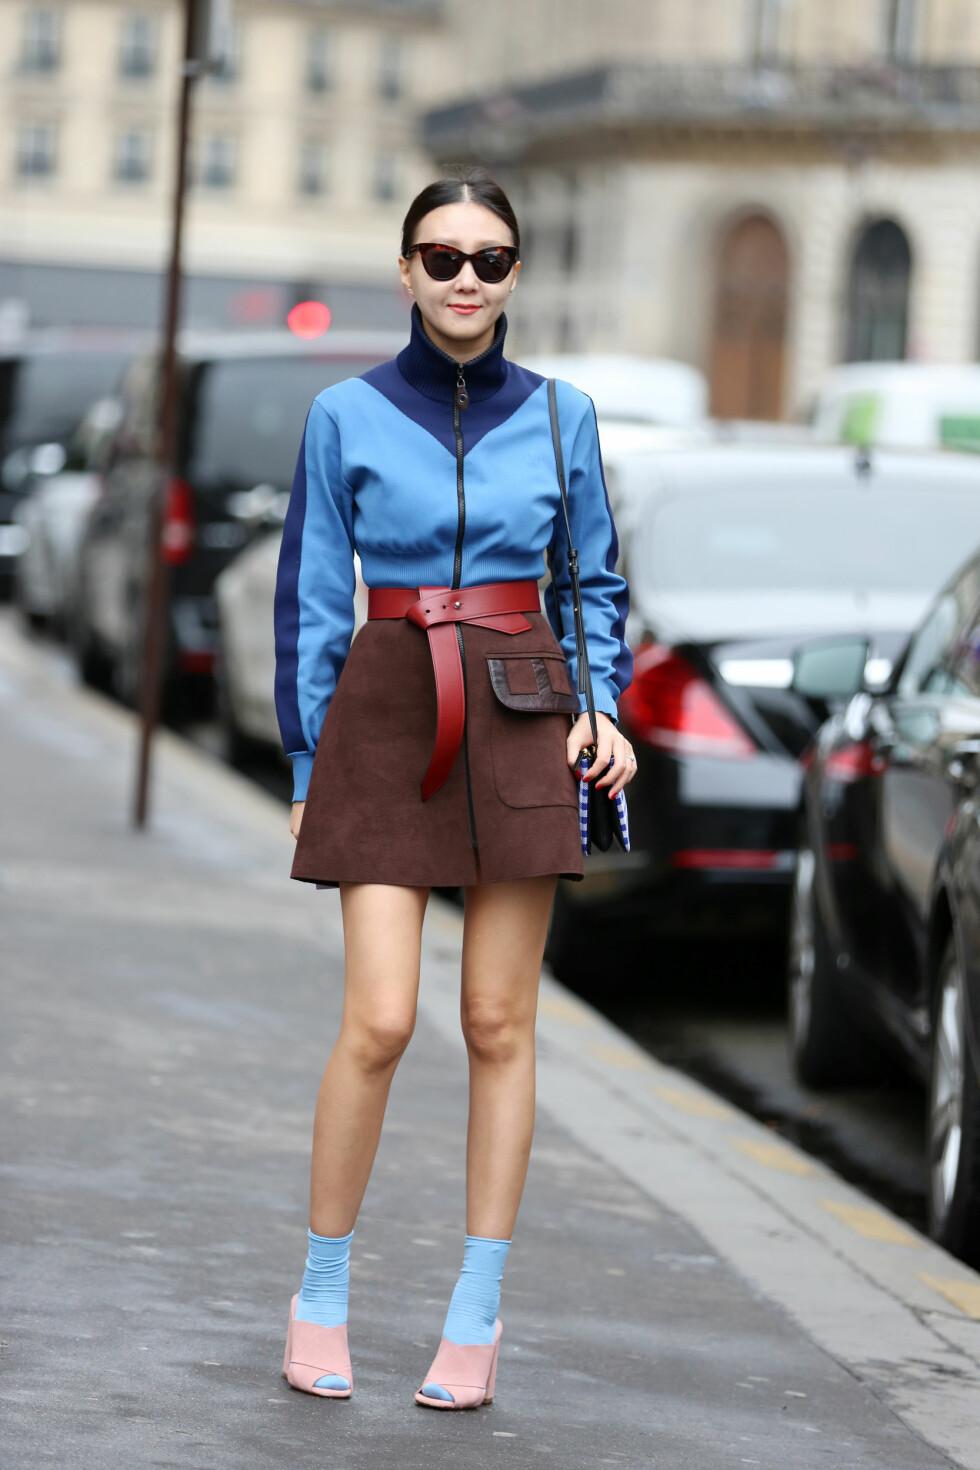 Sokkene skal gjerne synes godt, og stå i kontrast med fargen på skoene.  Foto: All Over